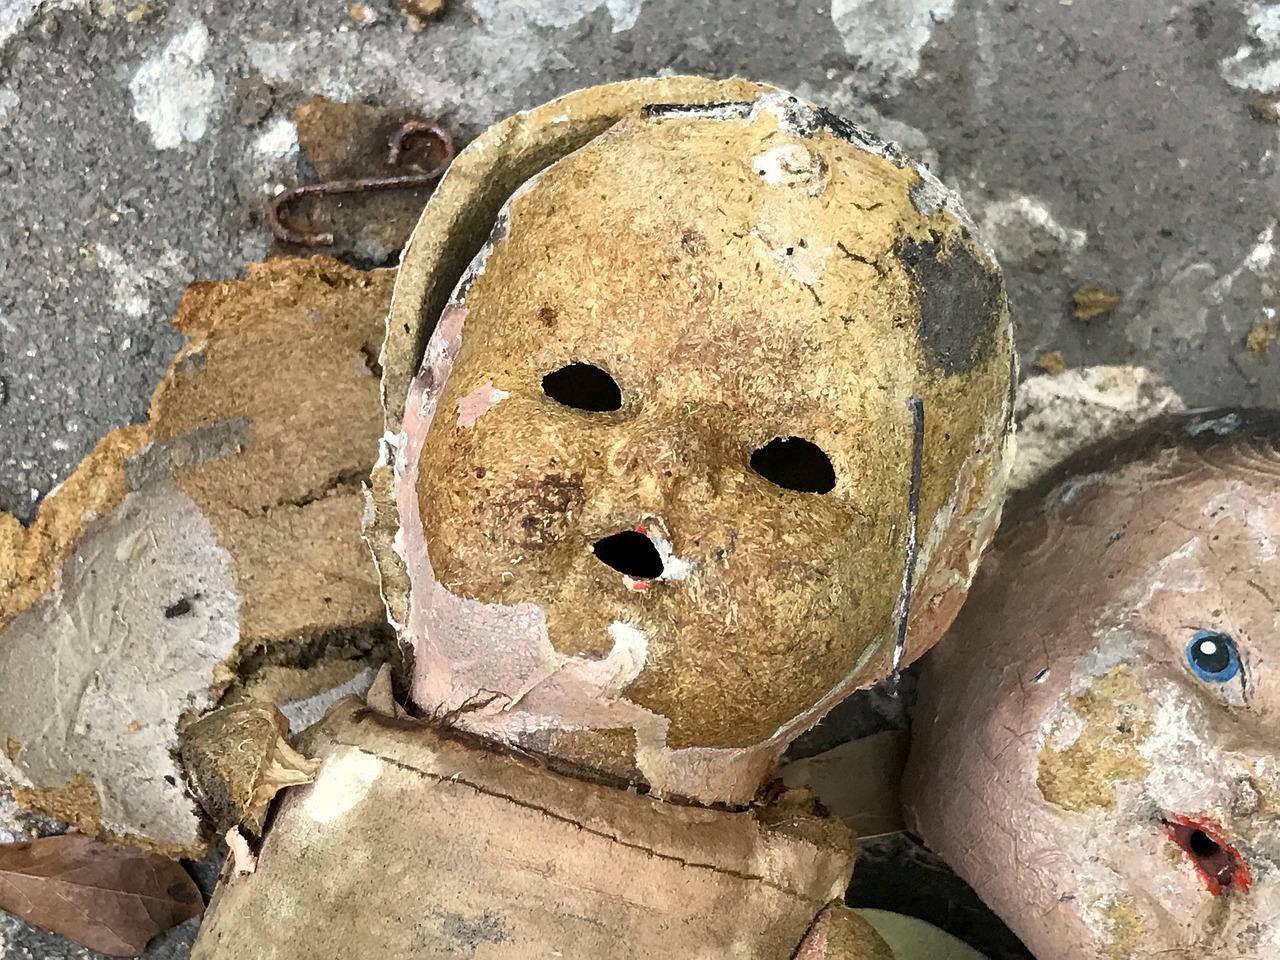 Desaparece una niña de 10 años cuando estaba con sus padres en el pantano de San Juan